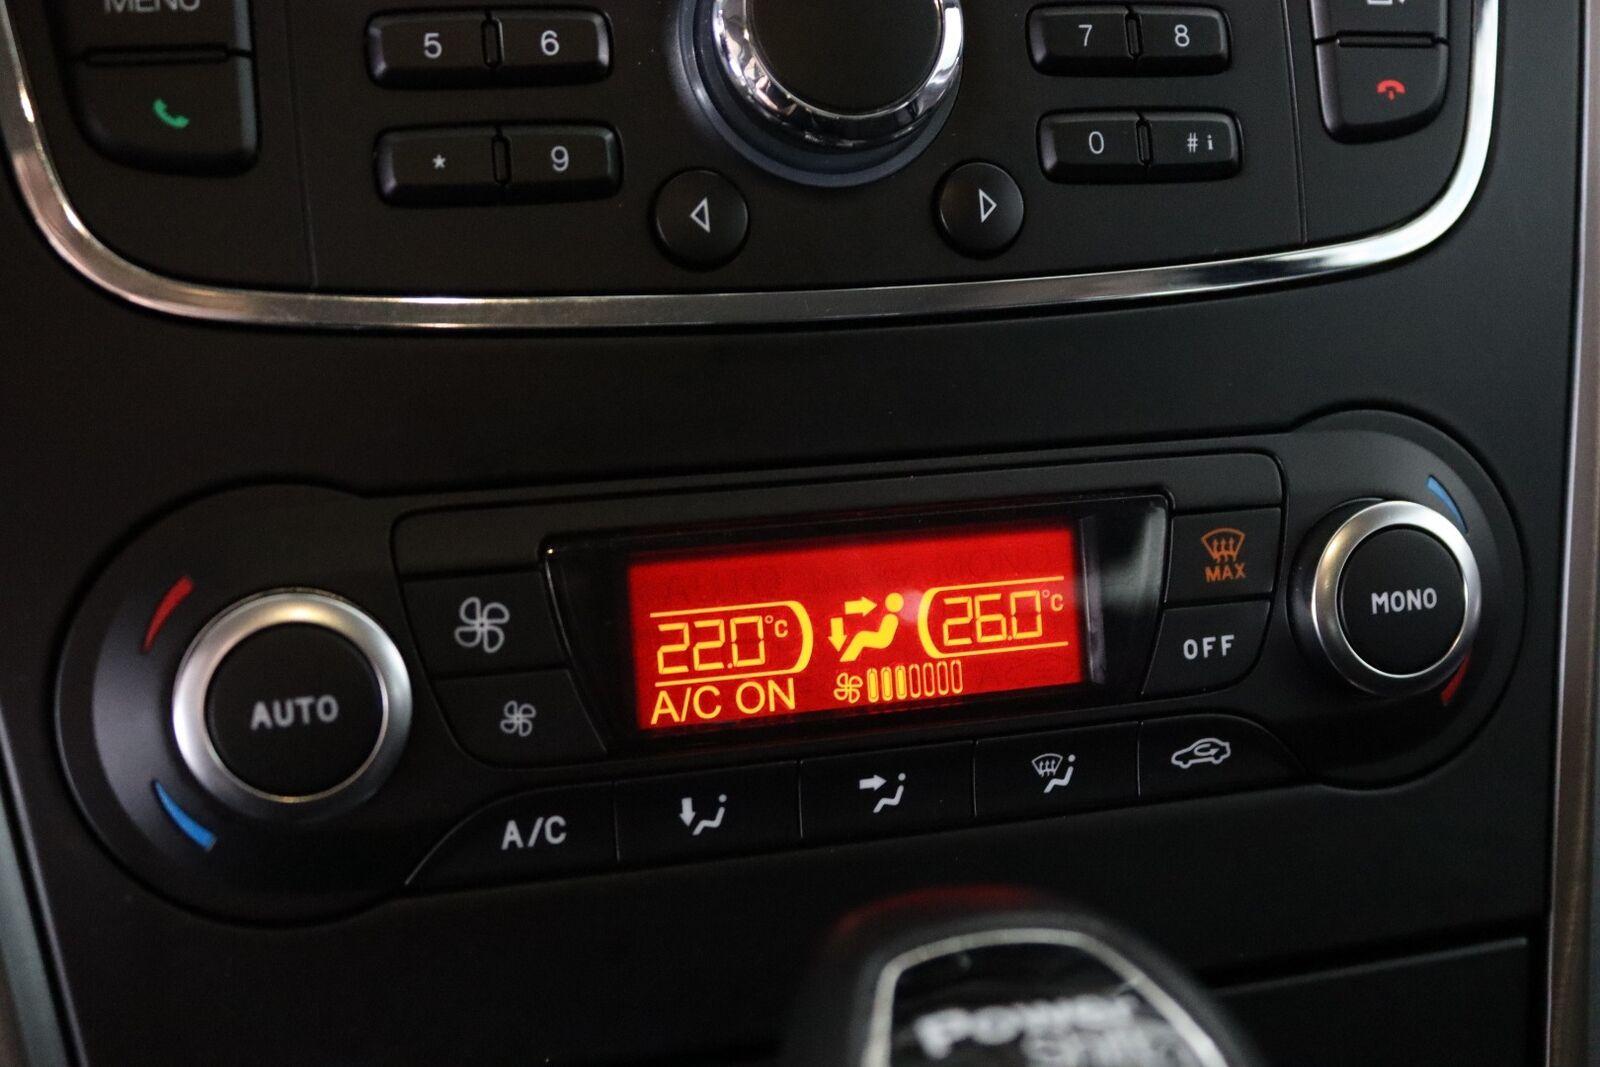 Ford Mondeo 2,0 TDCi 163 Titanium stc. aut. - billede 12